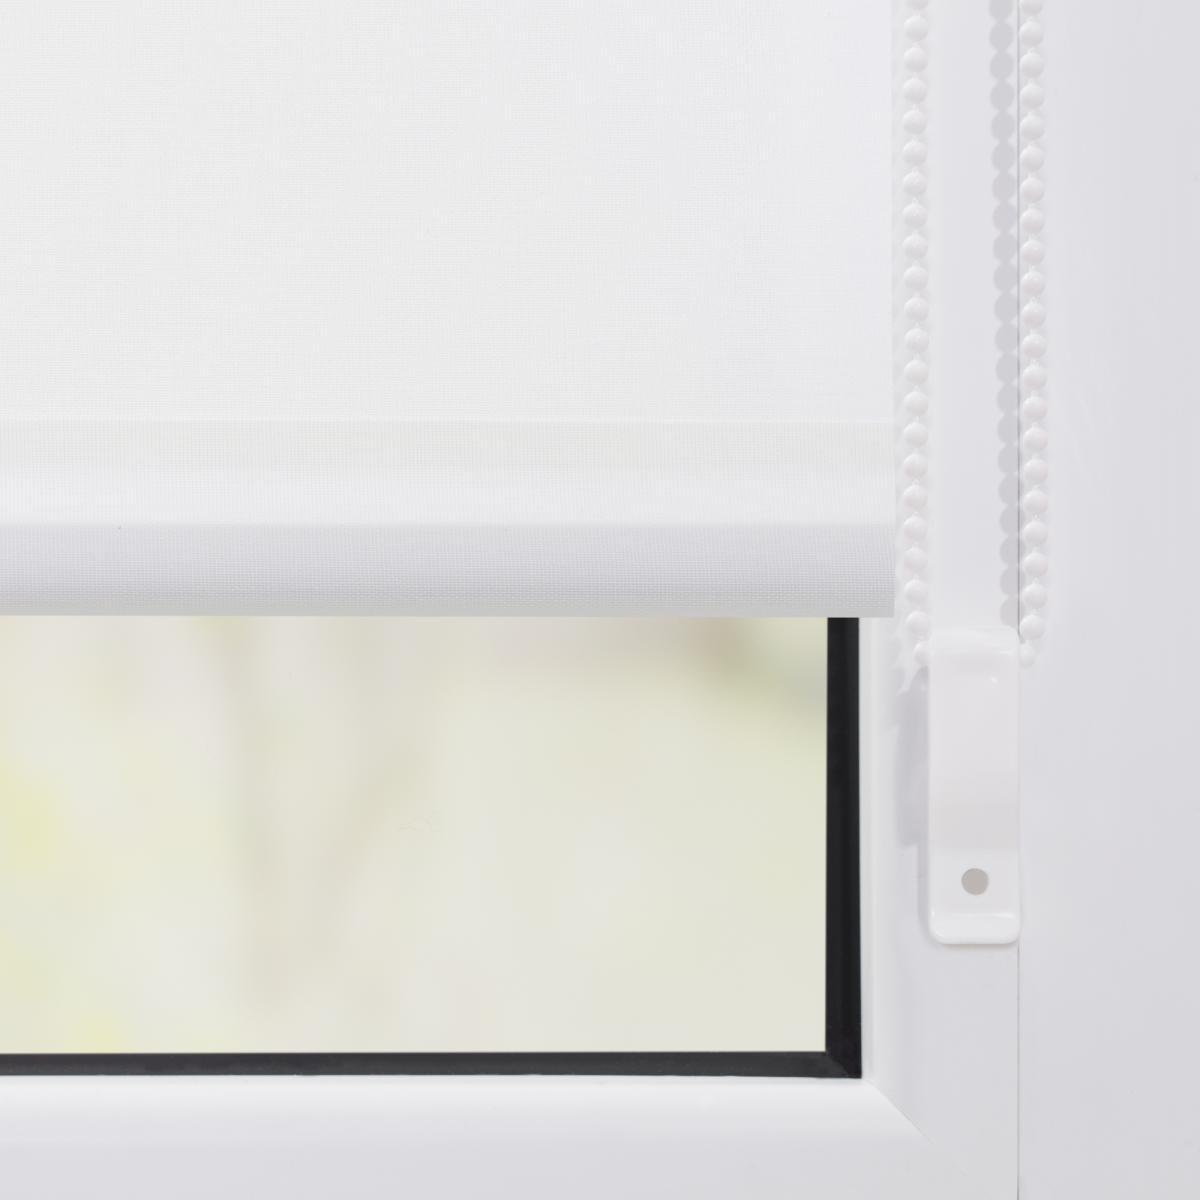 Bild 4 von Lichtblick Rollo Klemmfix, ohne Bohren, blickdicht, Bretter Shabby - Braun, 80 x 150 cm (B x L)